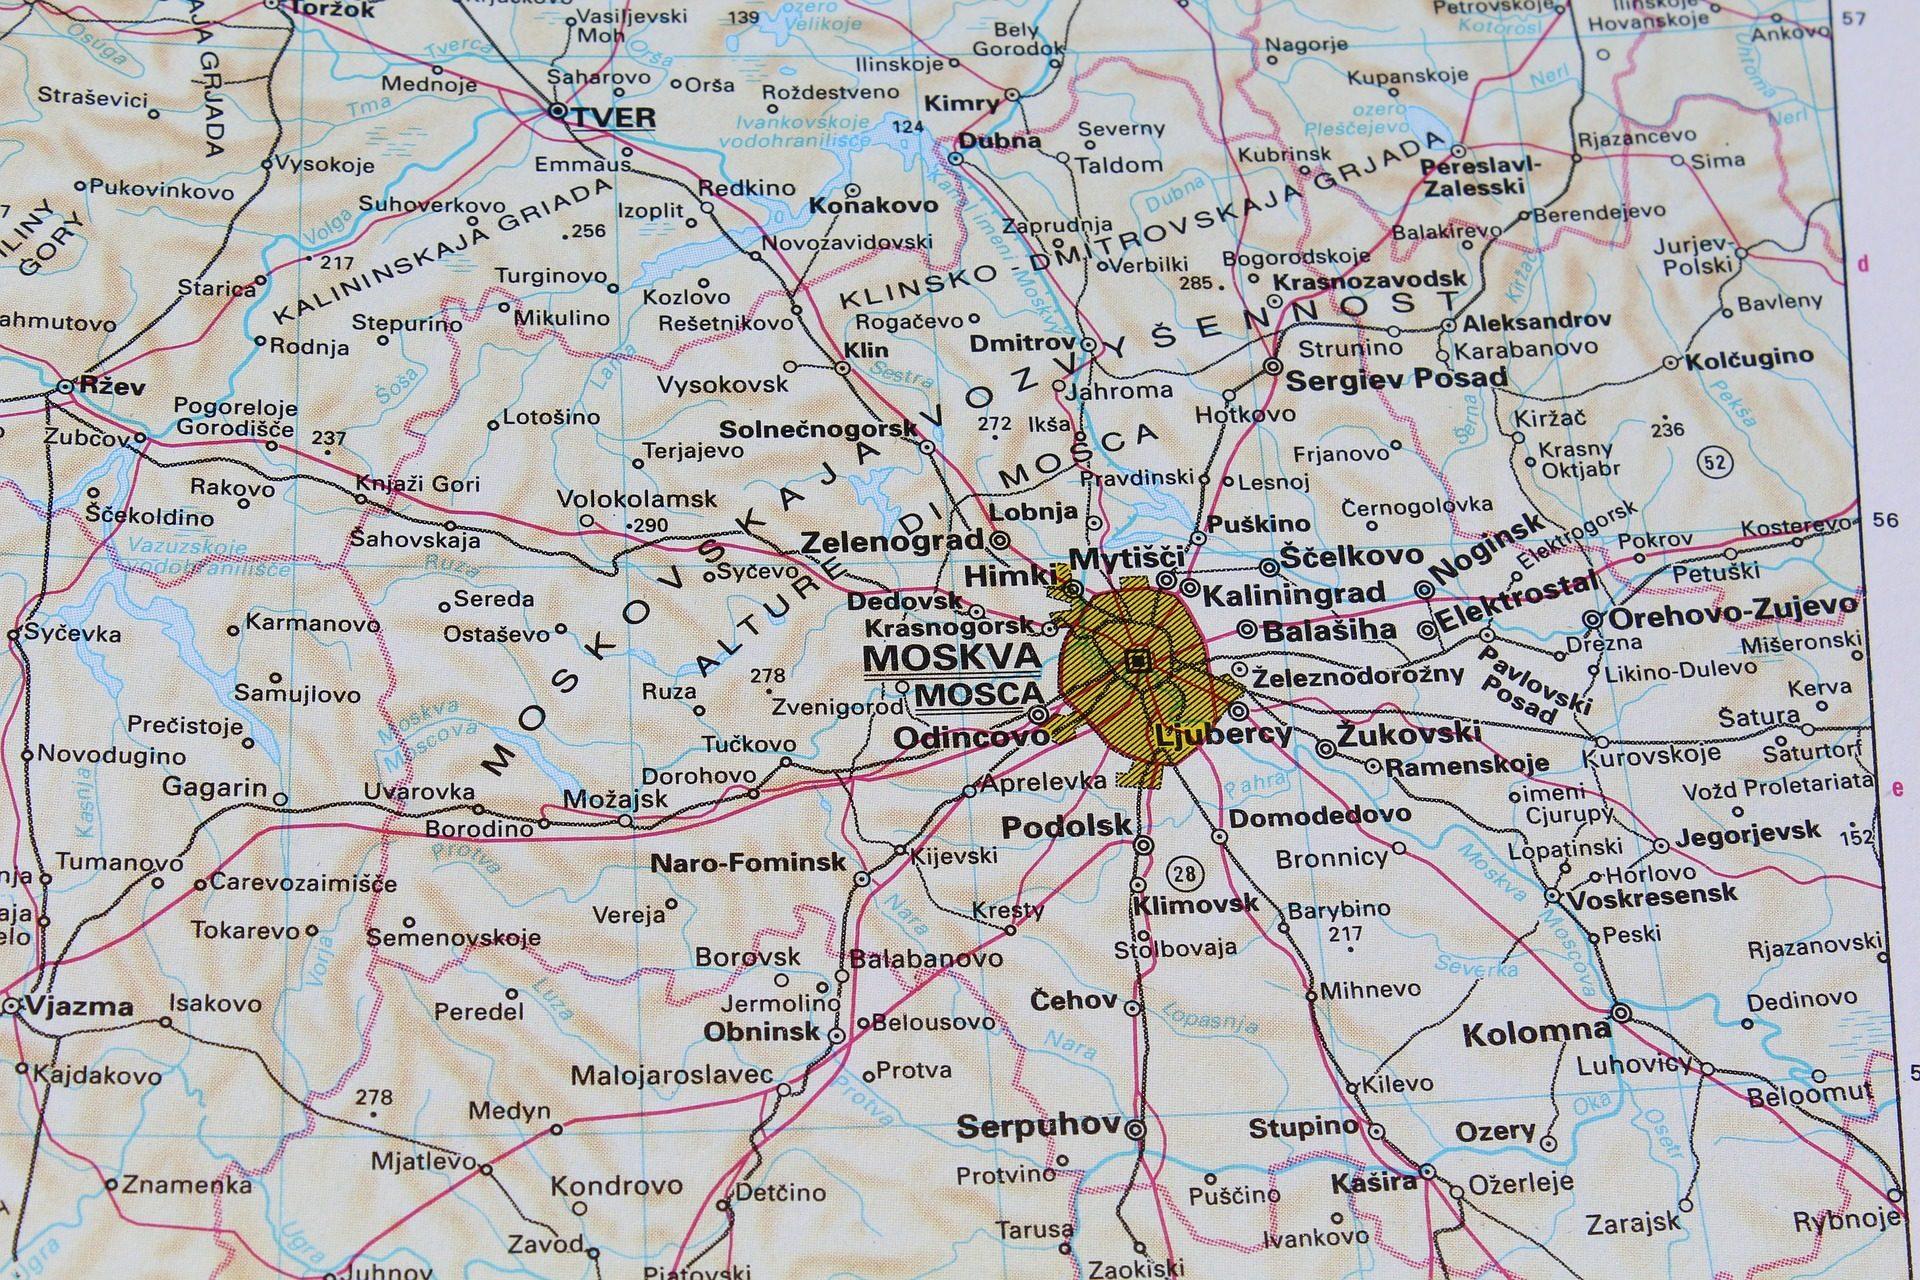 Будет ли распад России в 2025 году — в Польше прочитали лекцию на эту тему